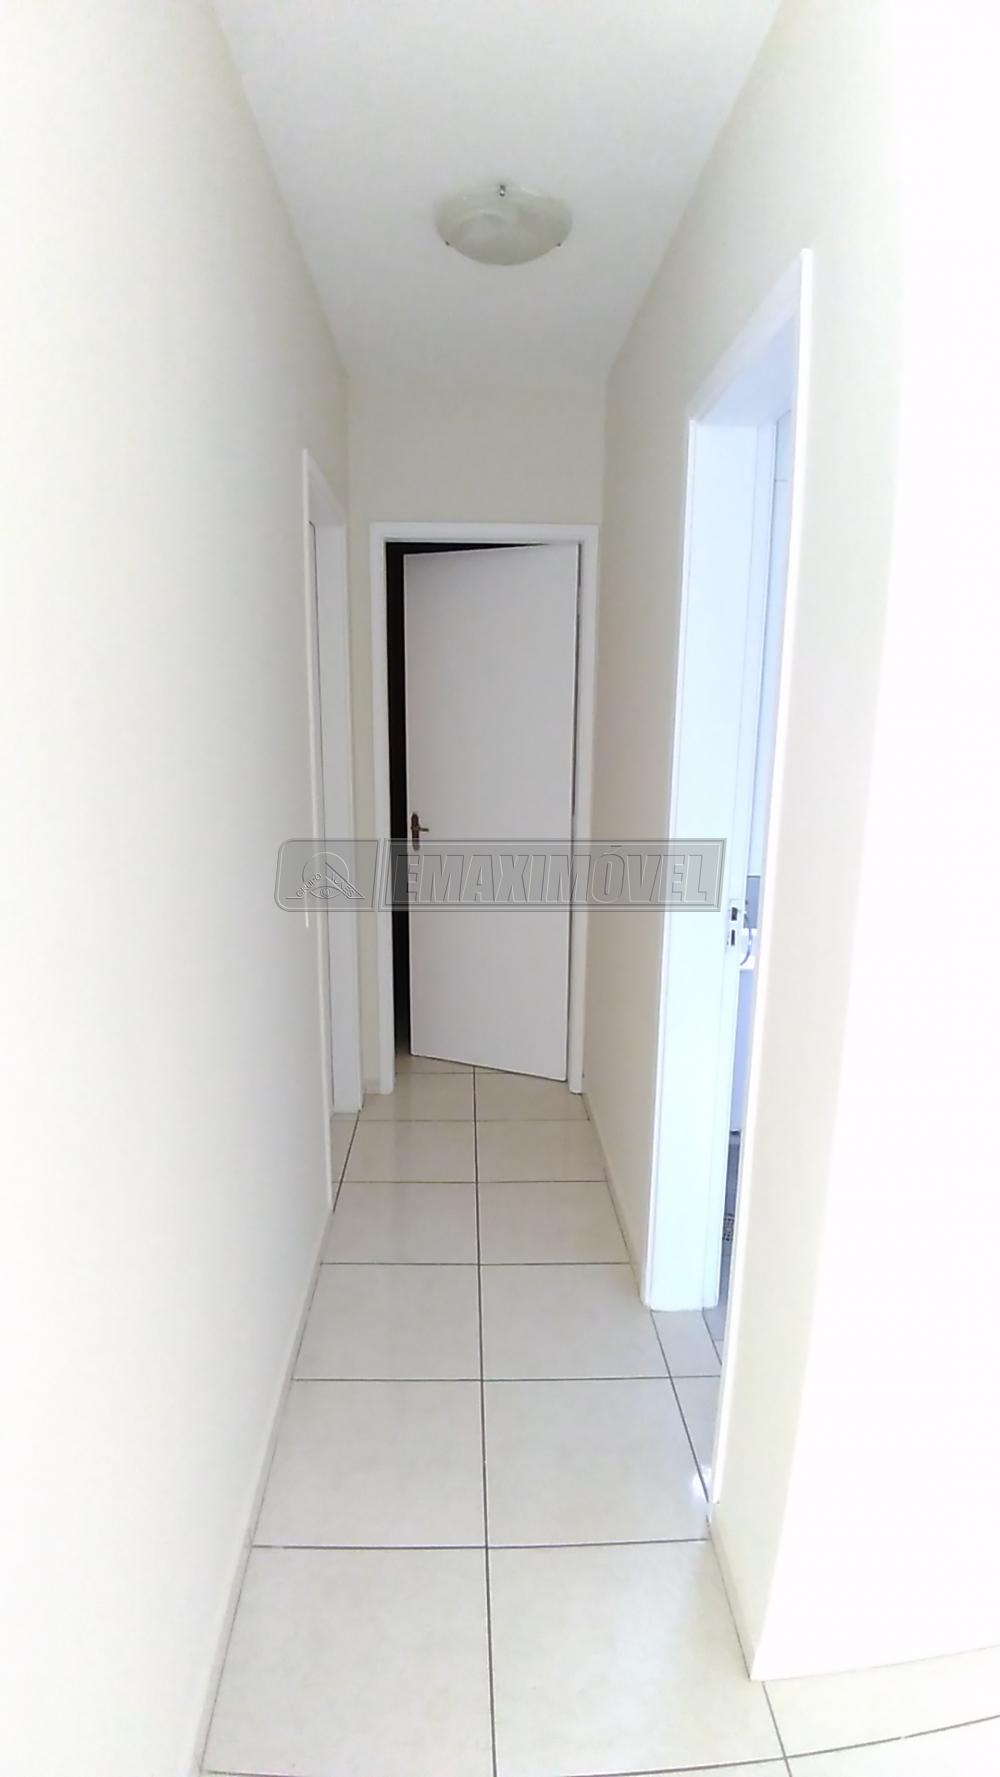 Alugar Apartamento / Padrão em Sorocaba R$ 950,00 - Foto 4